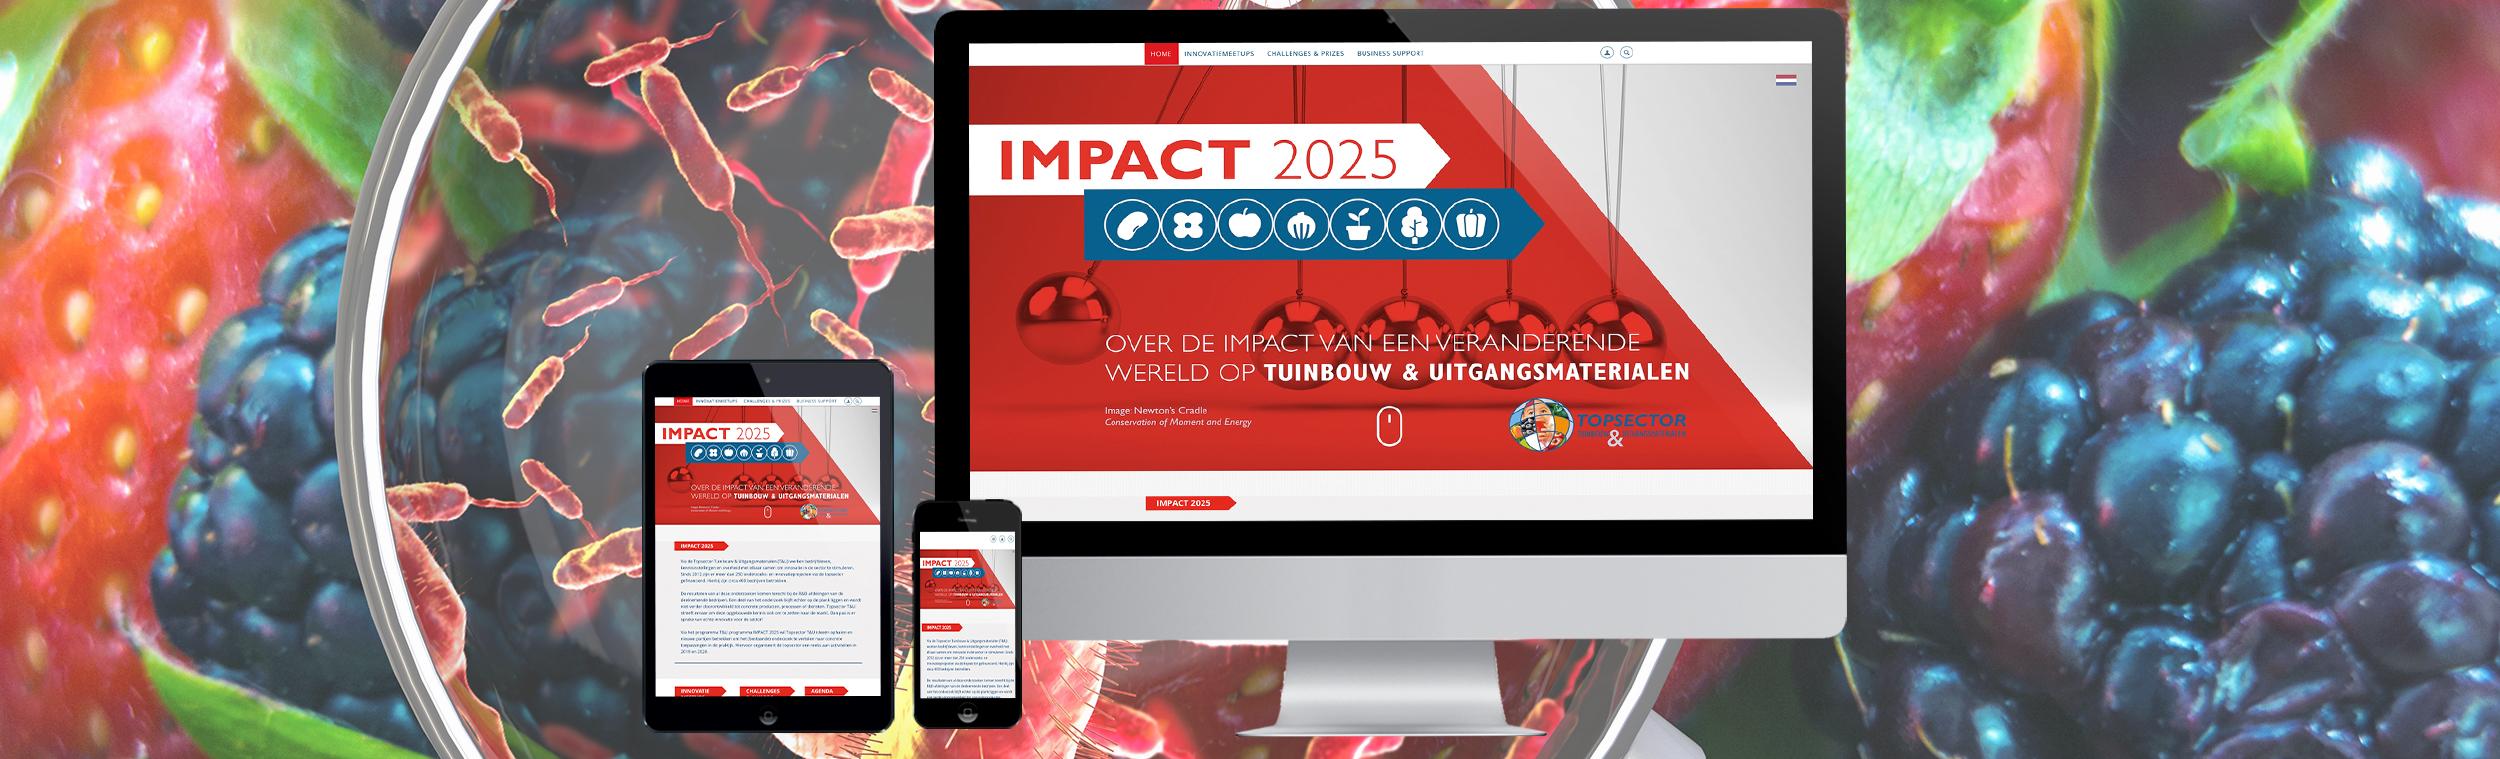 ReMarkAble_Website_Nieuwe_Portfolio_Website_Impact2025